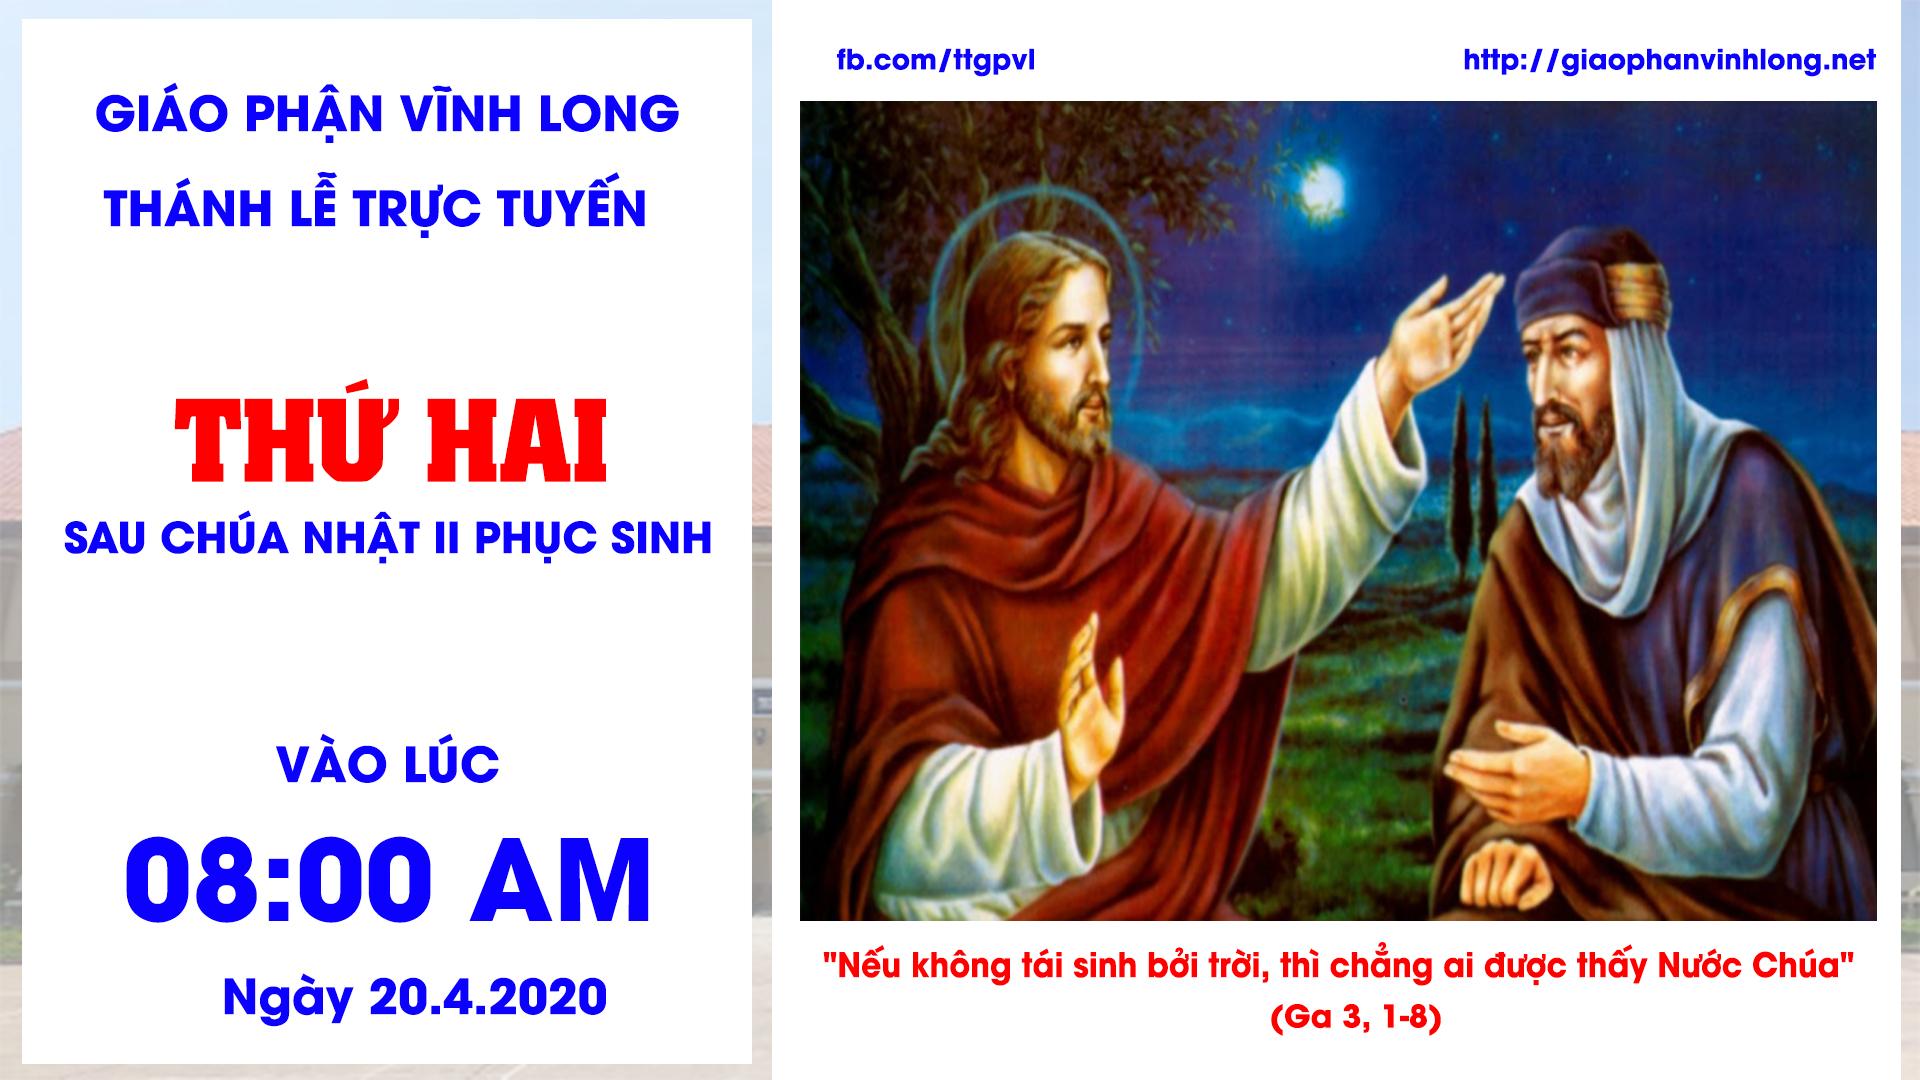 Thánh Lễ Trực Tuyến: Thứ Hai sau Chúa Nhật II Phục Sinh (20.4.2020)